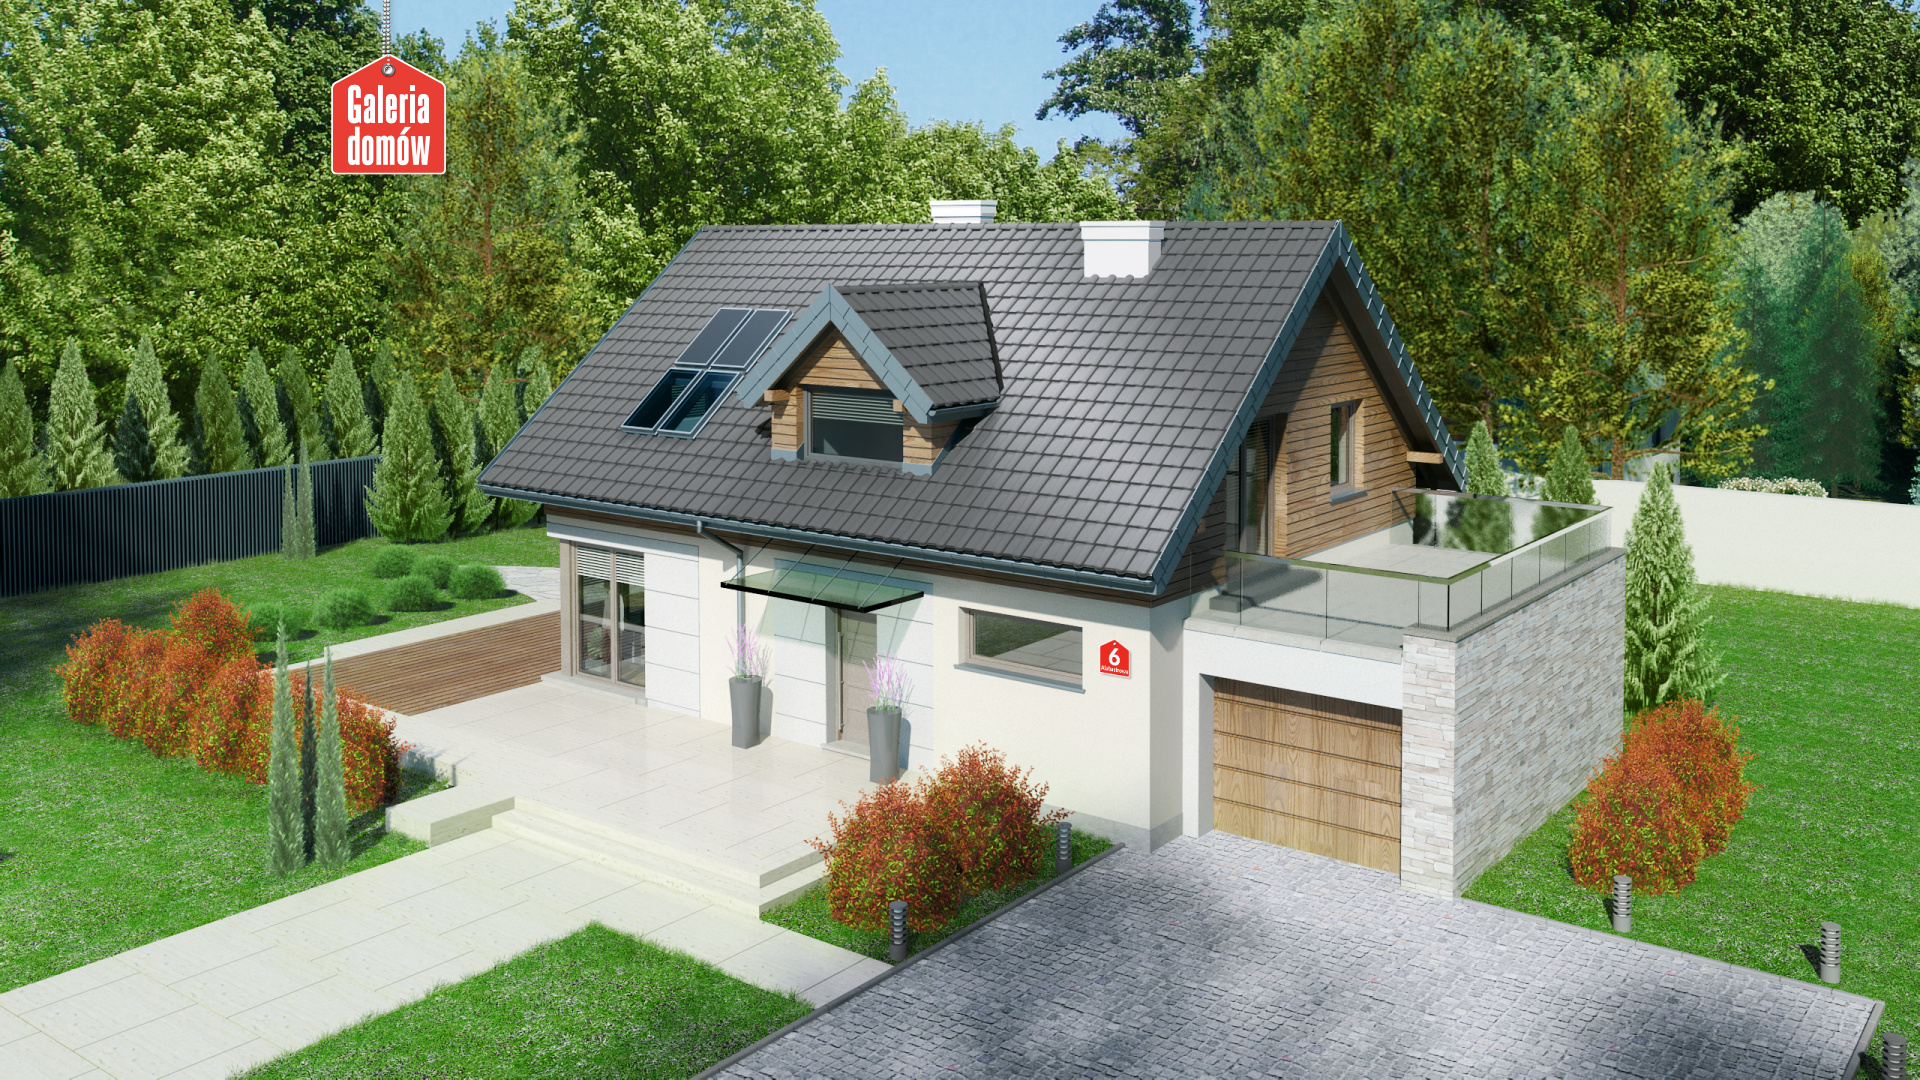 Dom przy Alabastrowej 6 - zdjęcie projektu i wizualizacja